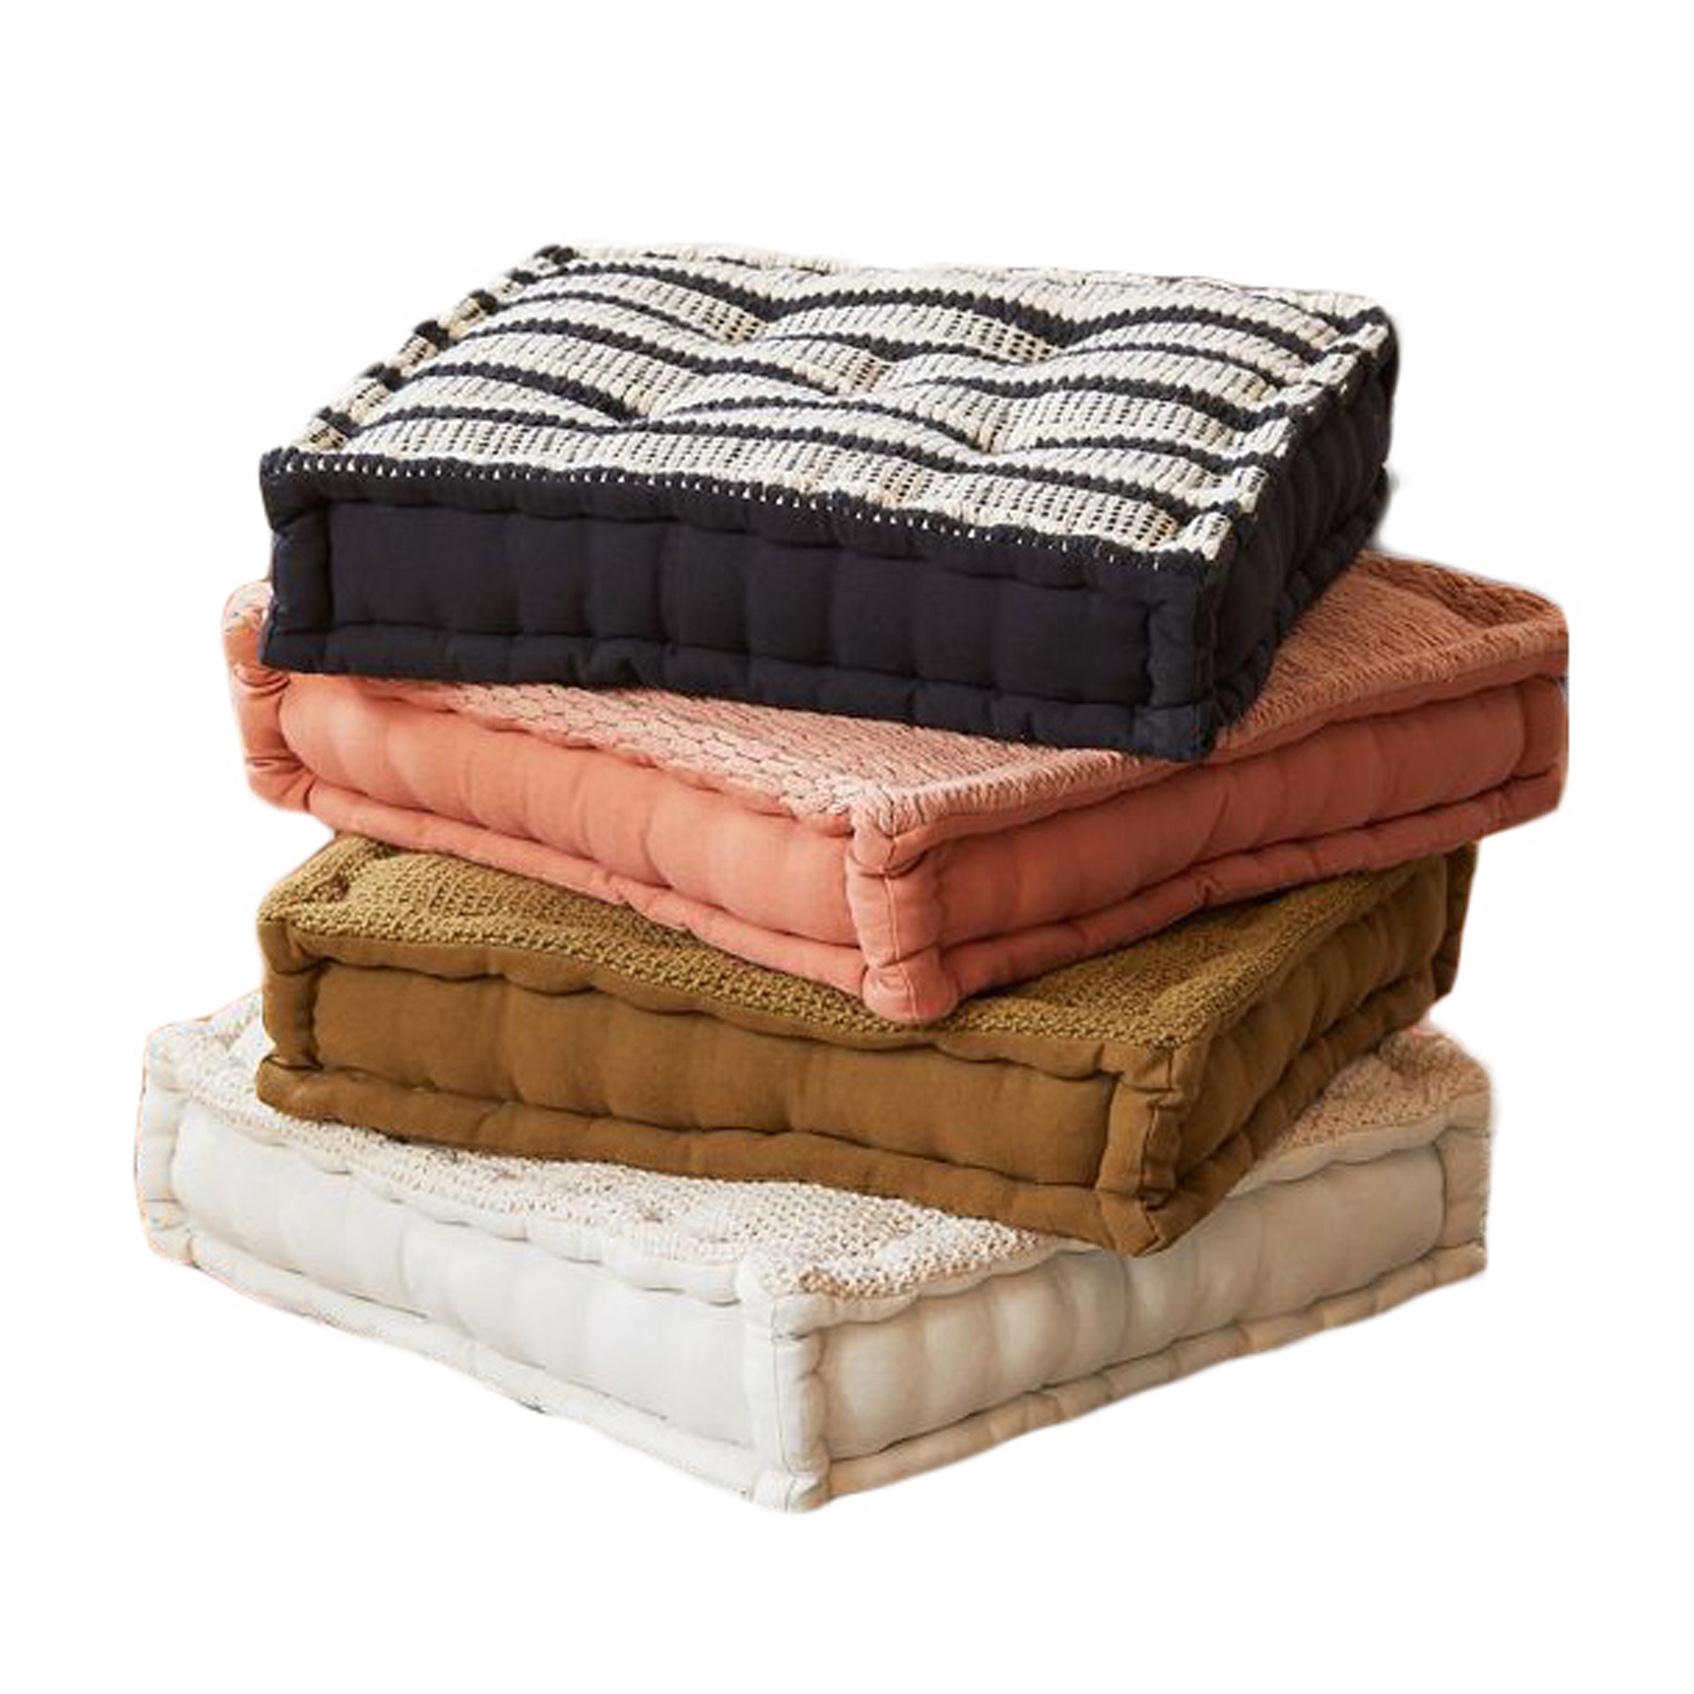 boho floor pillows, boho-chic home decor